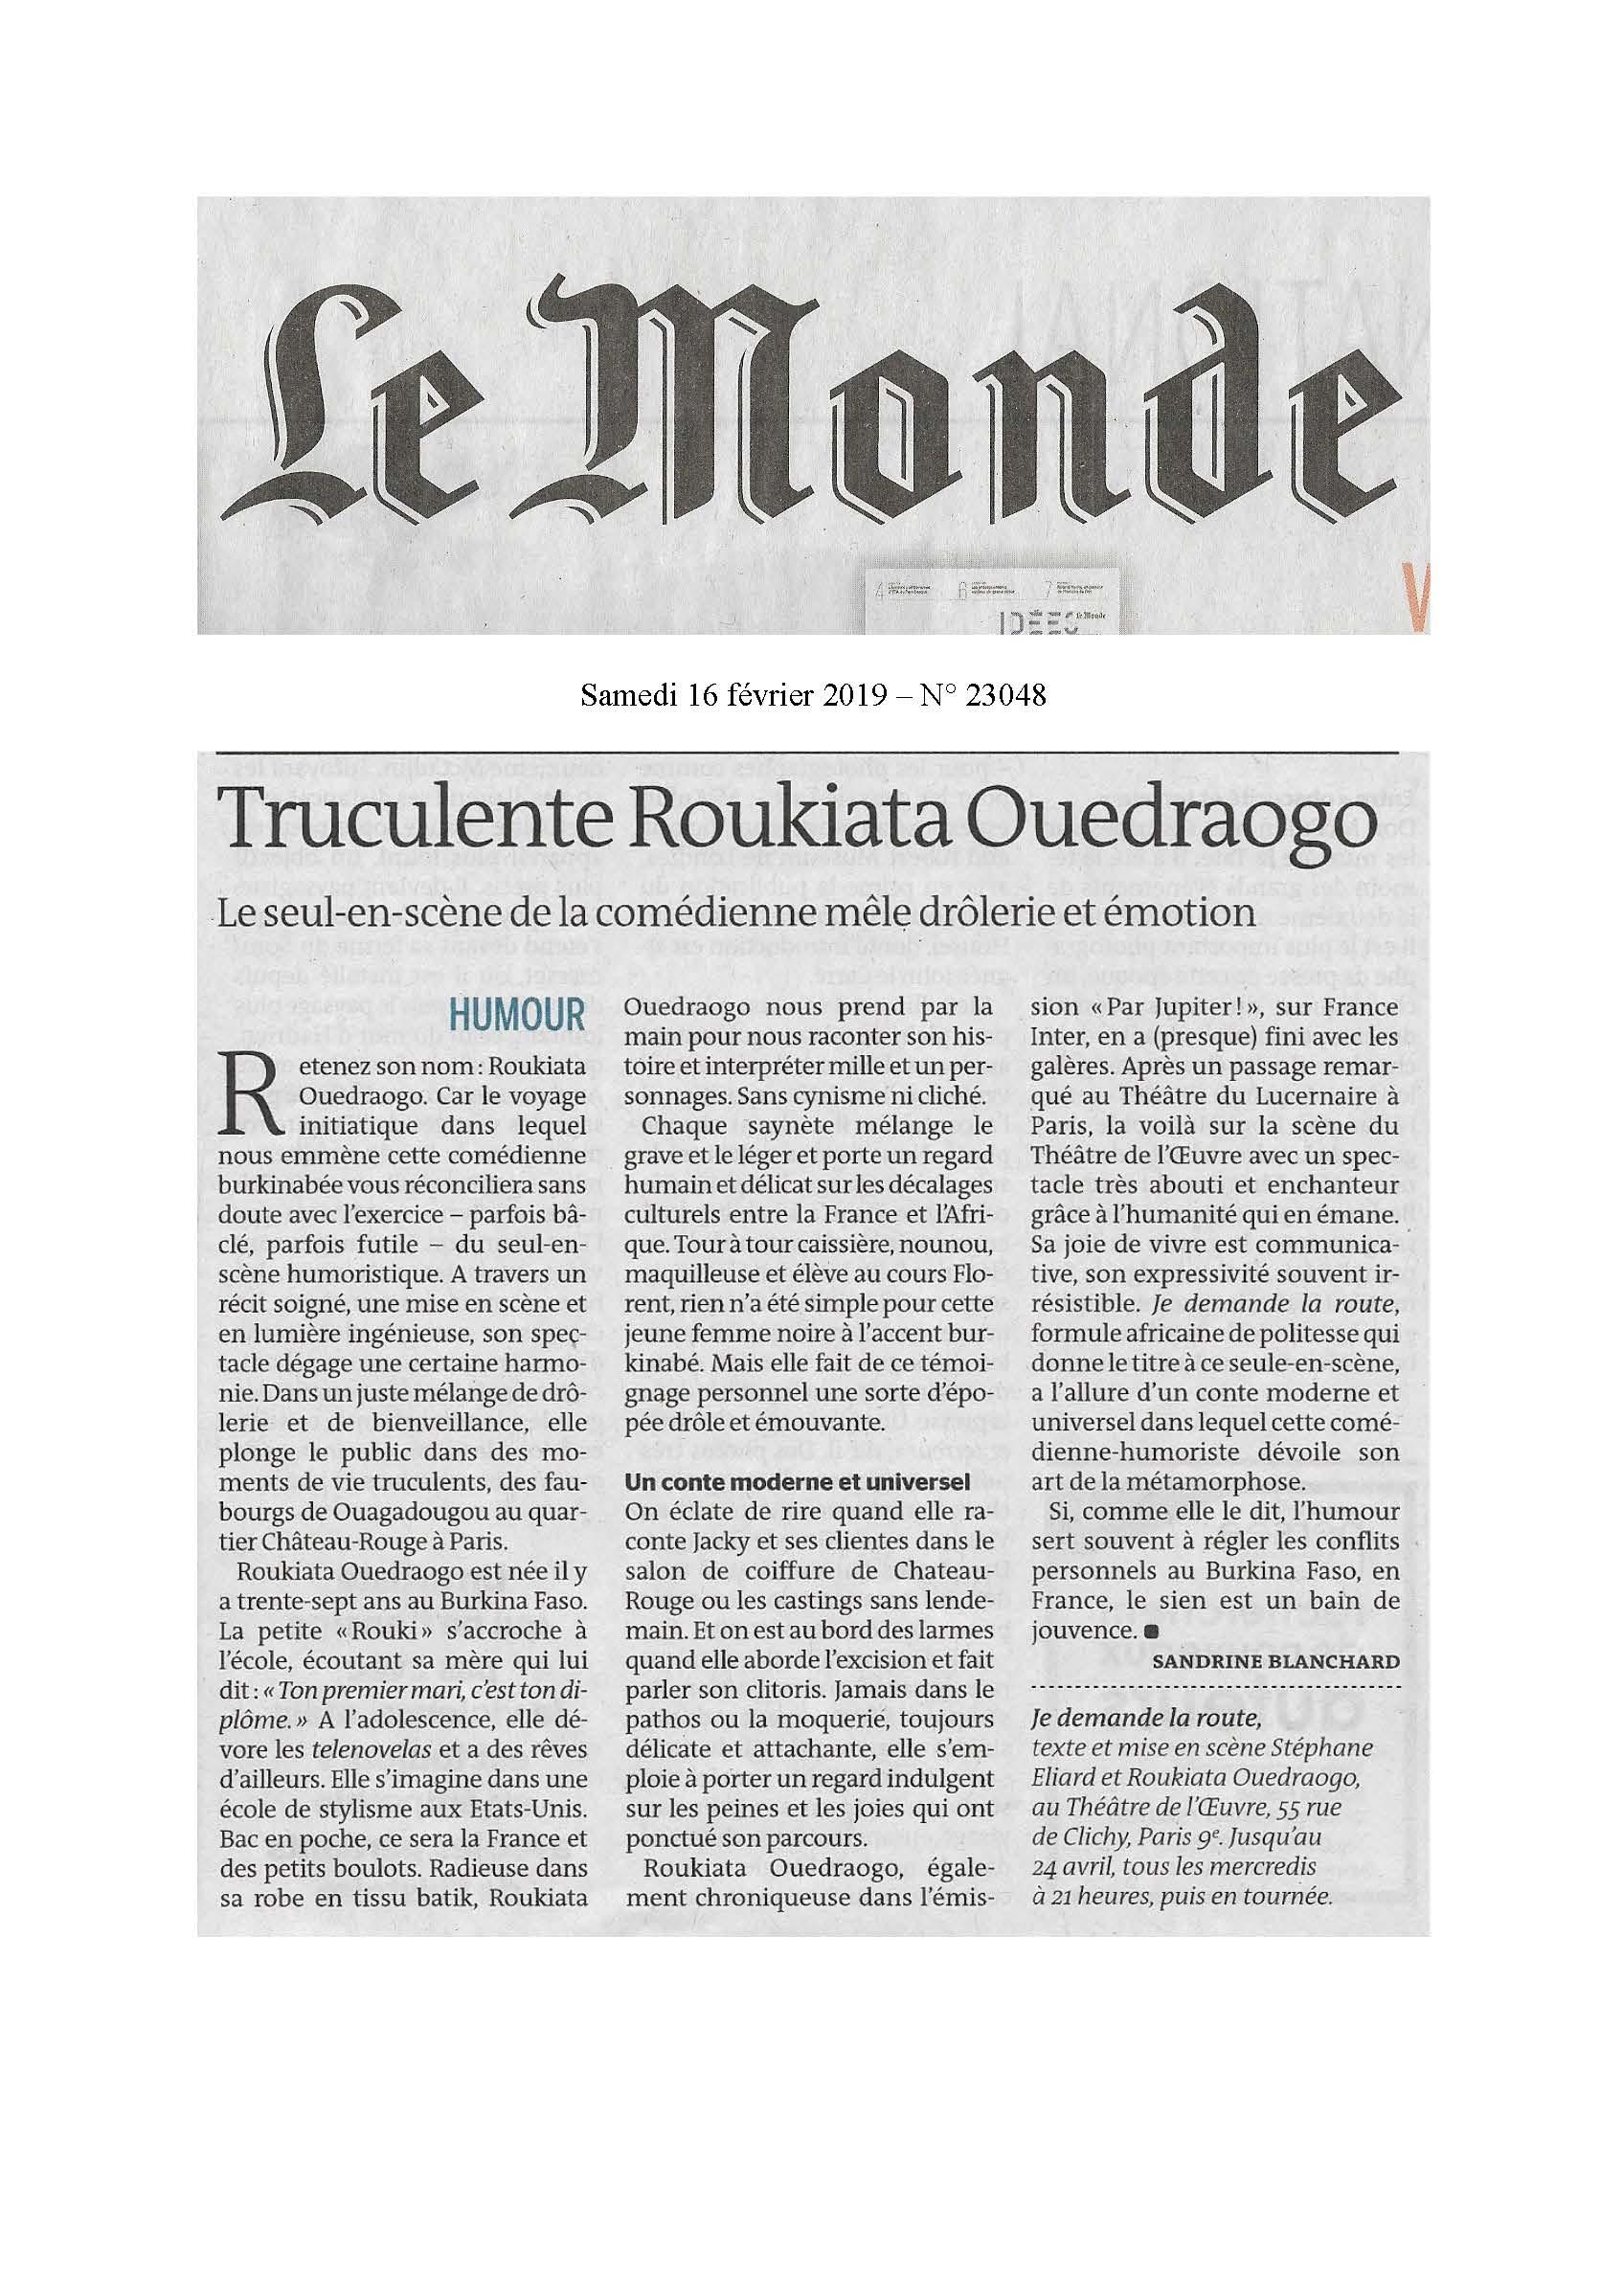 Le Monde 16.02.19